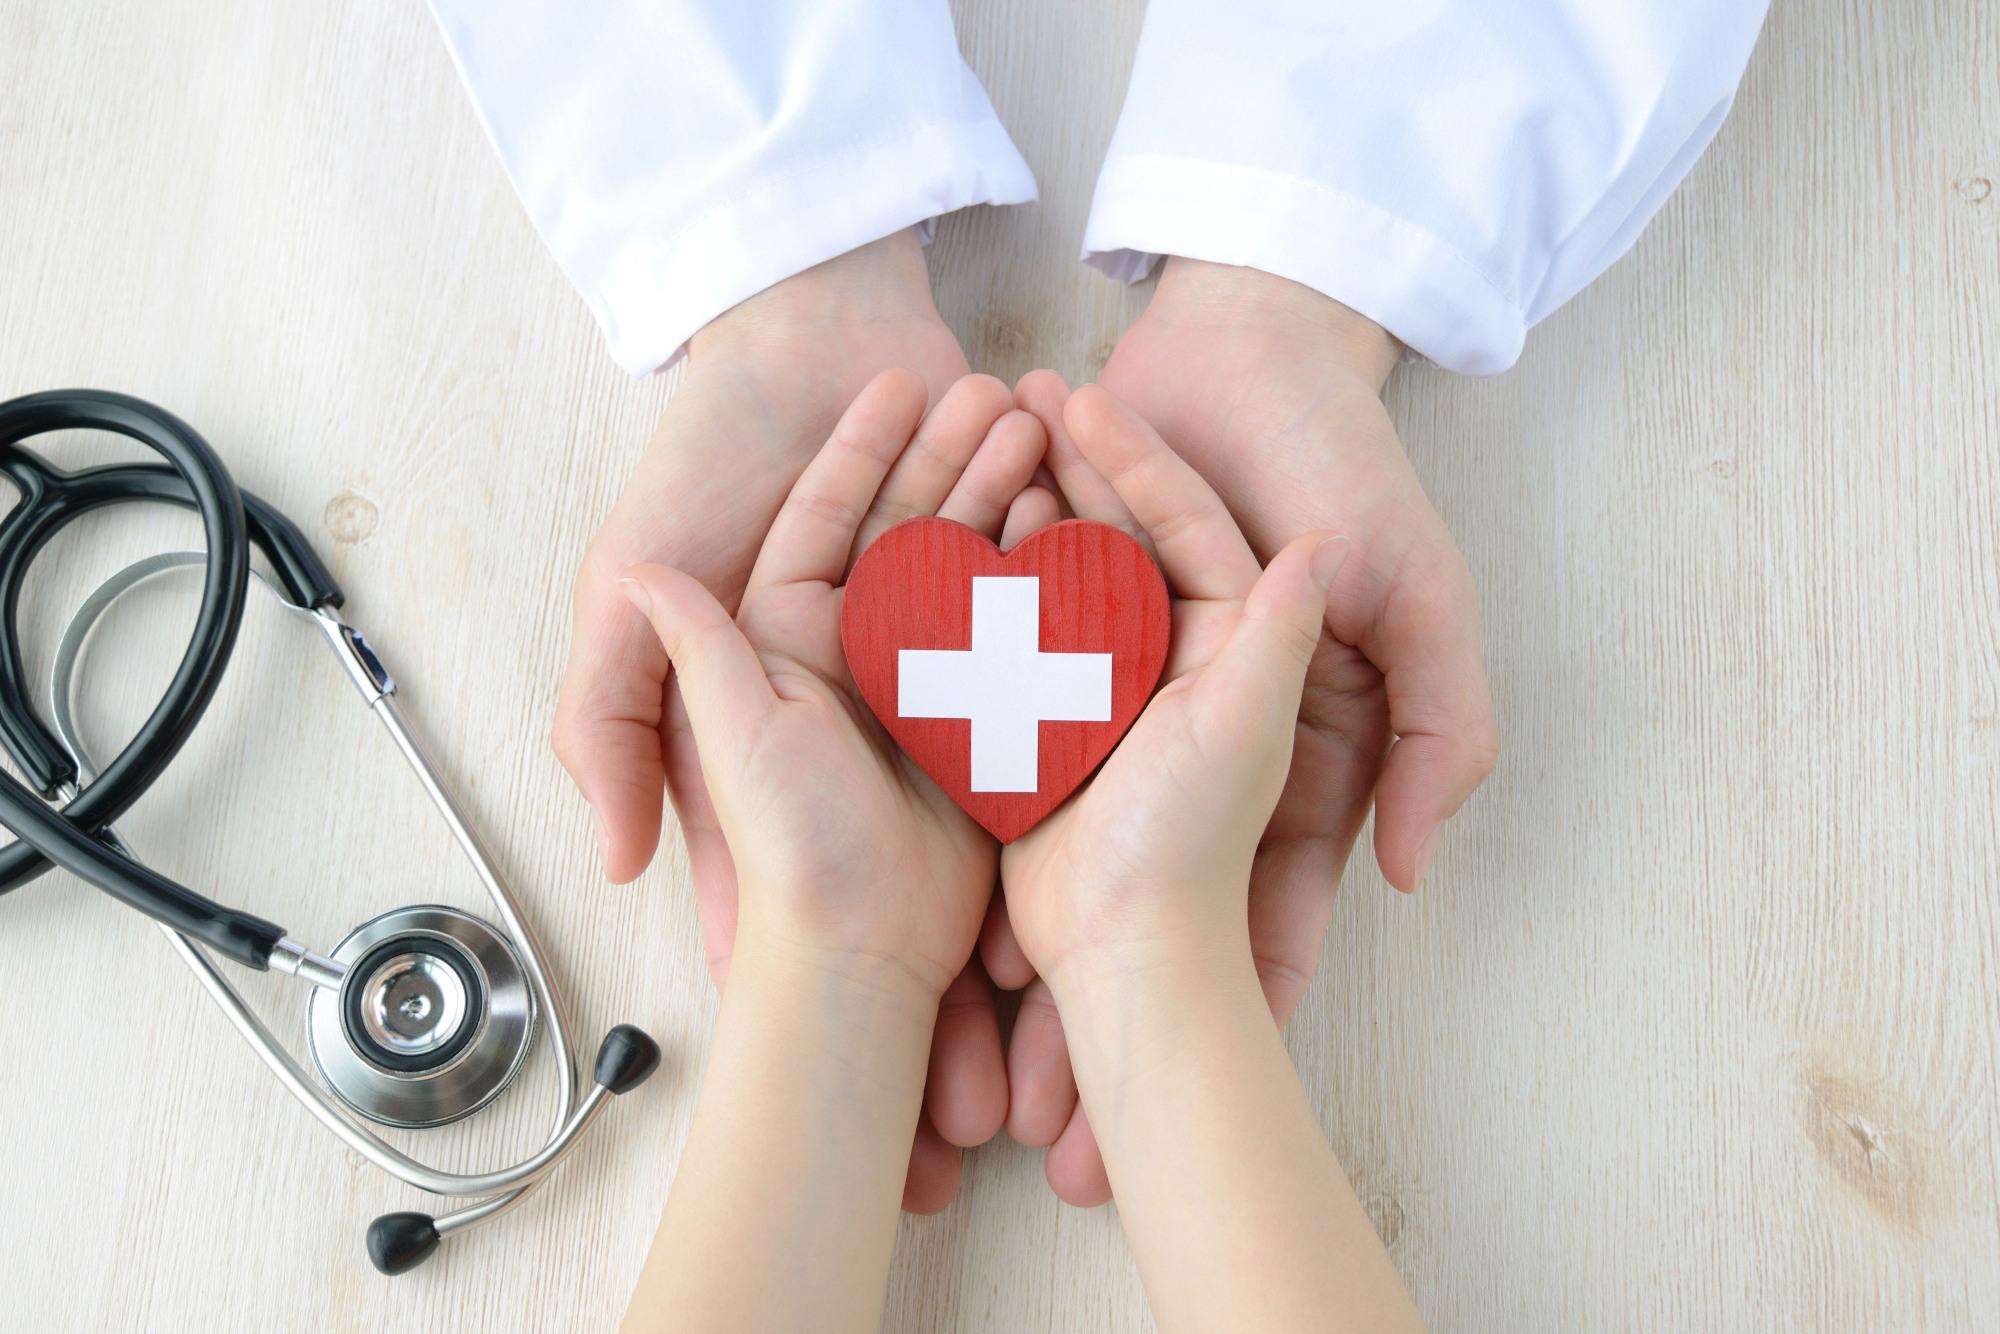 Medical concepts, safe support